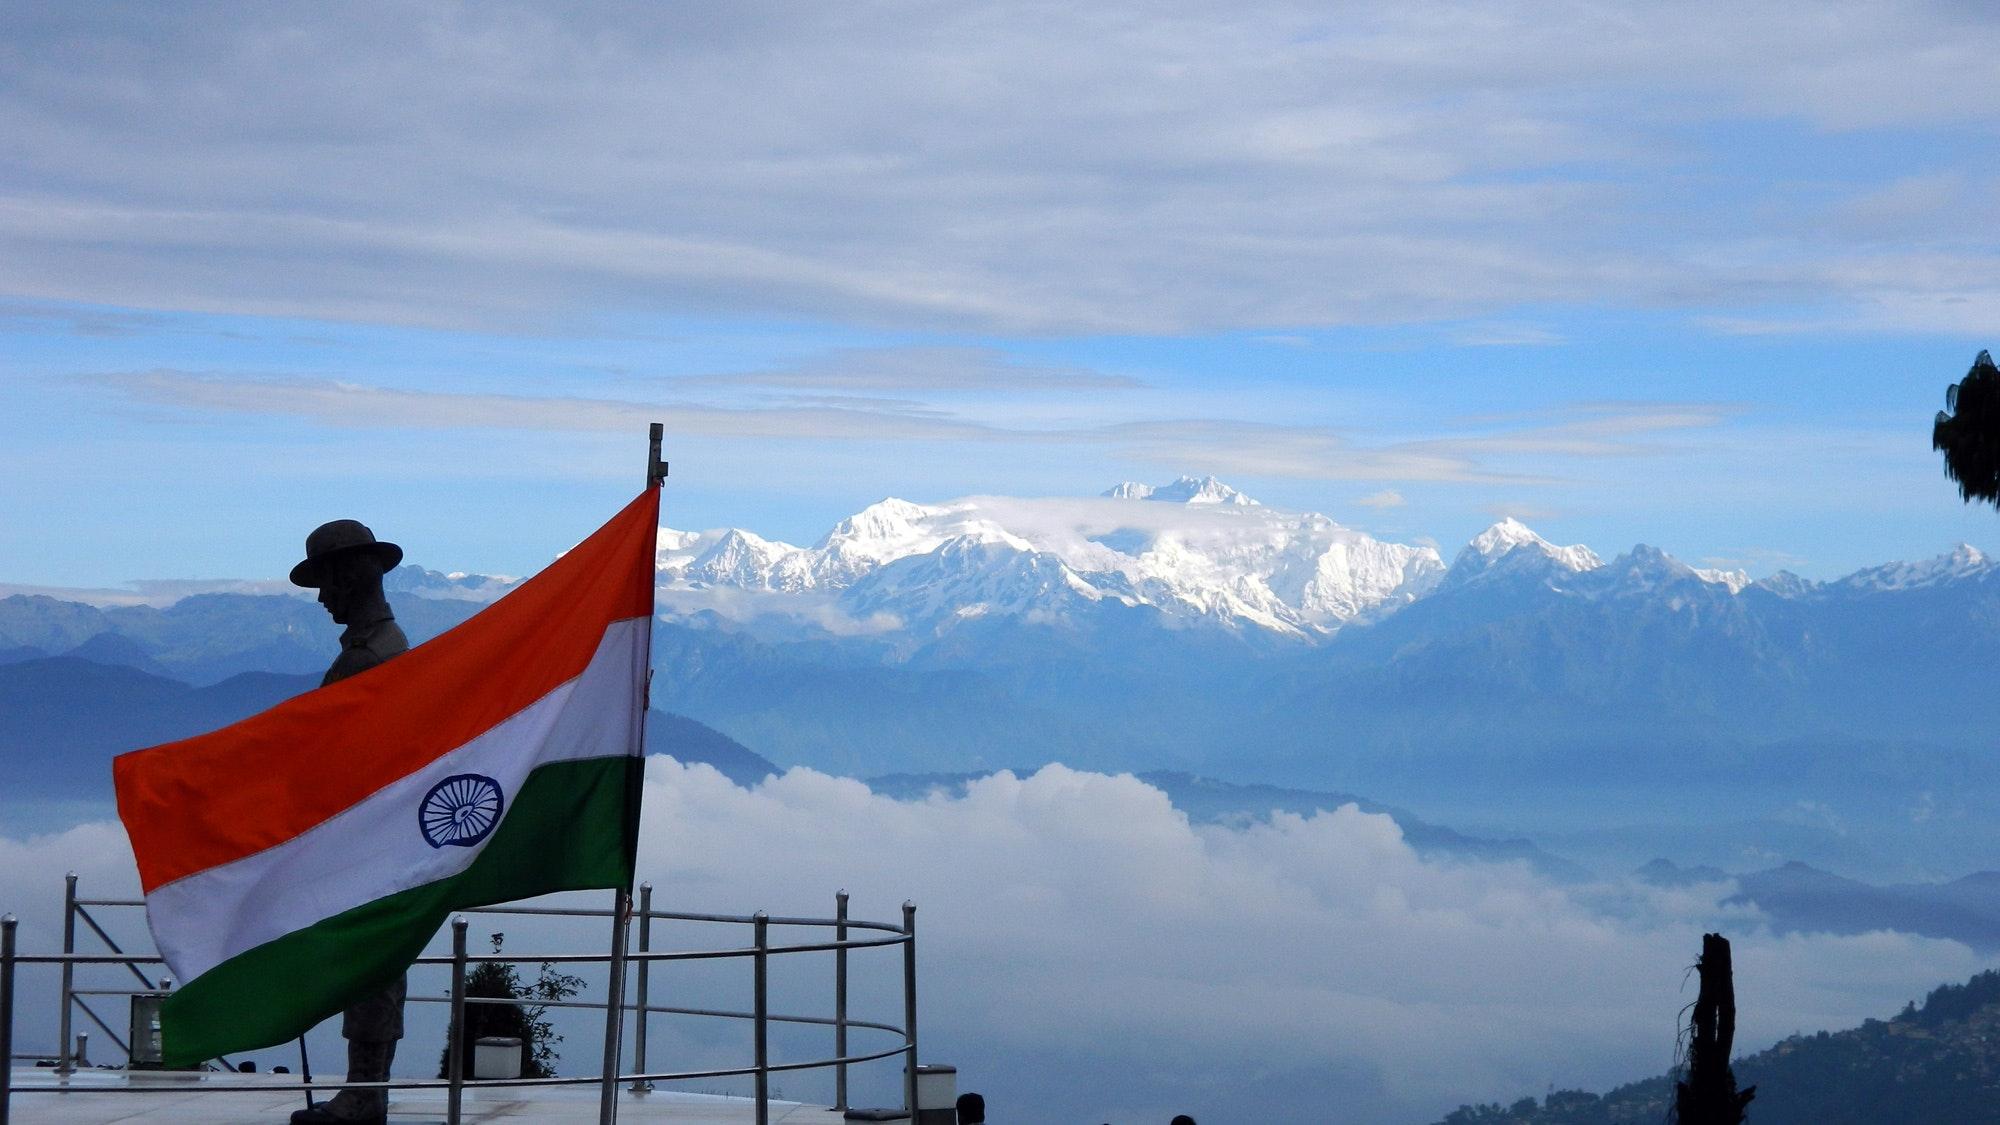 Das vom Schnee bedeckte Bergmassiv des Kangchenjunga. Im Vordergrund weht, neben einer Skulptur auf einem Aussitchtspunkt eine indische Fahne im Wind